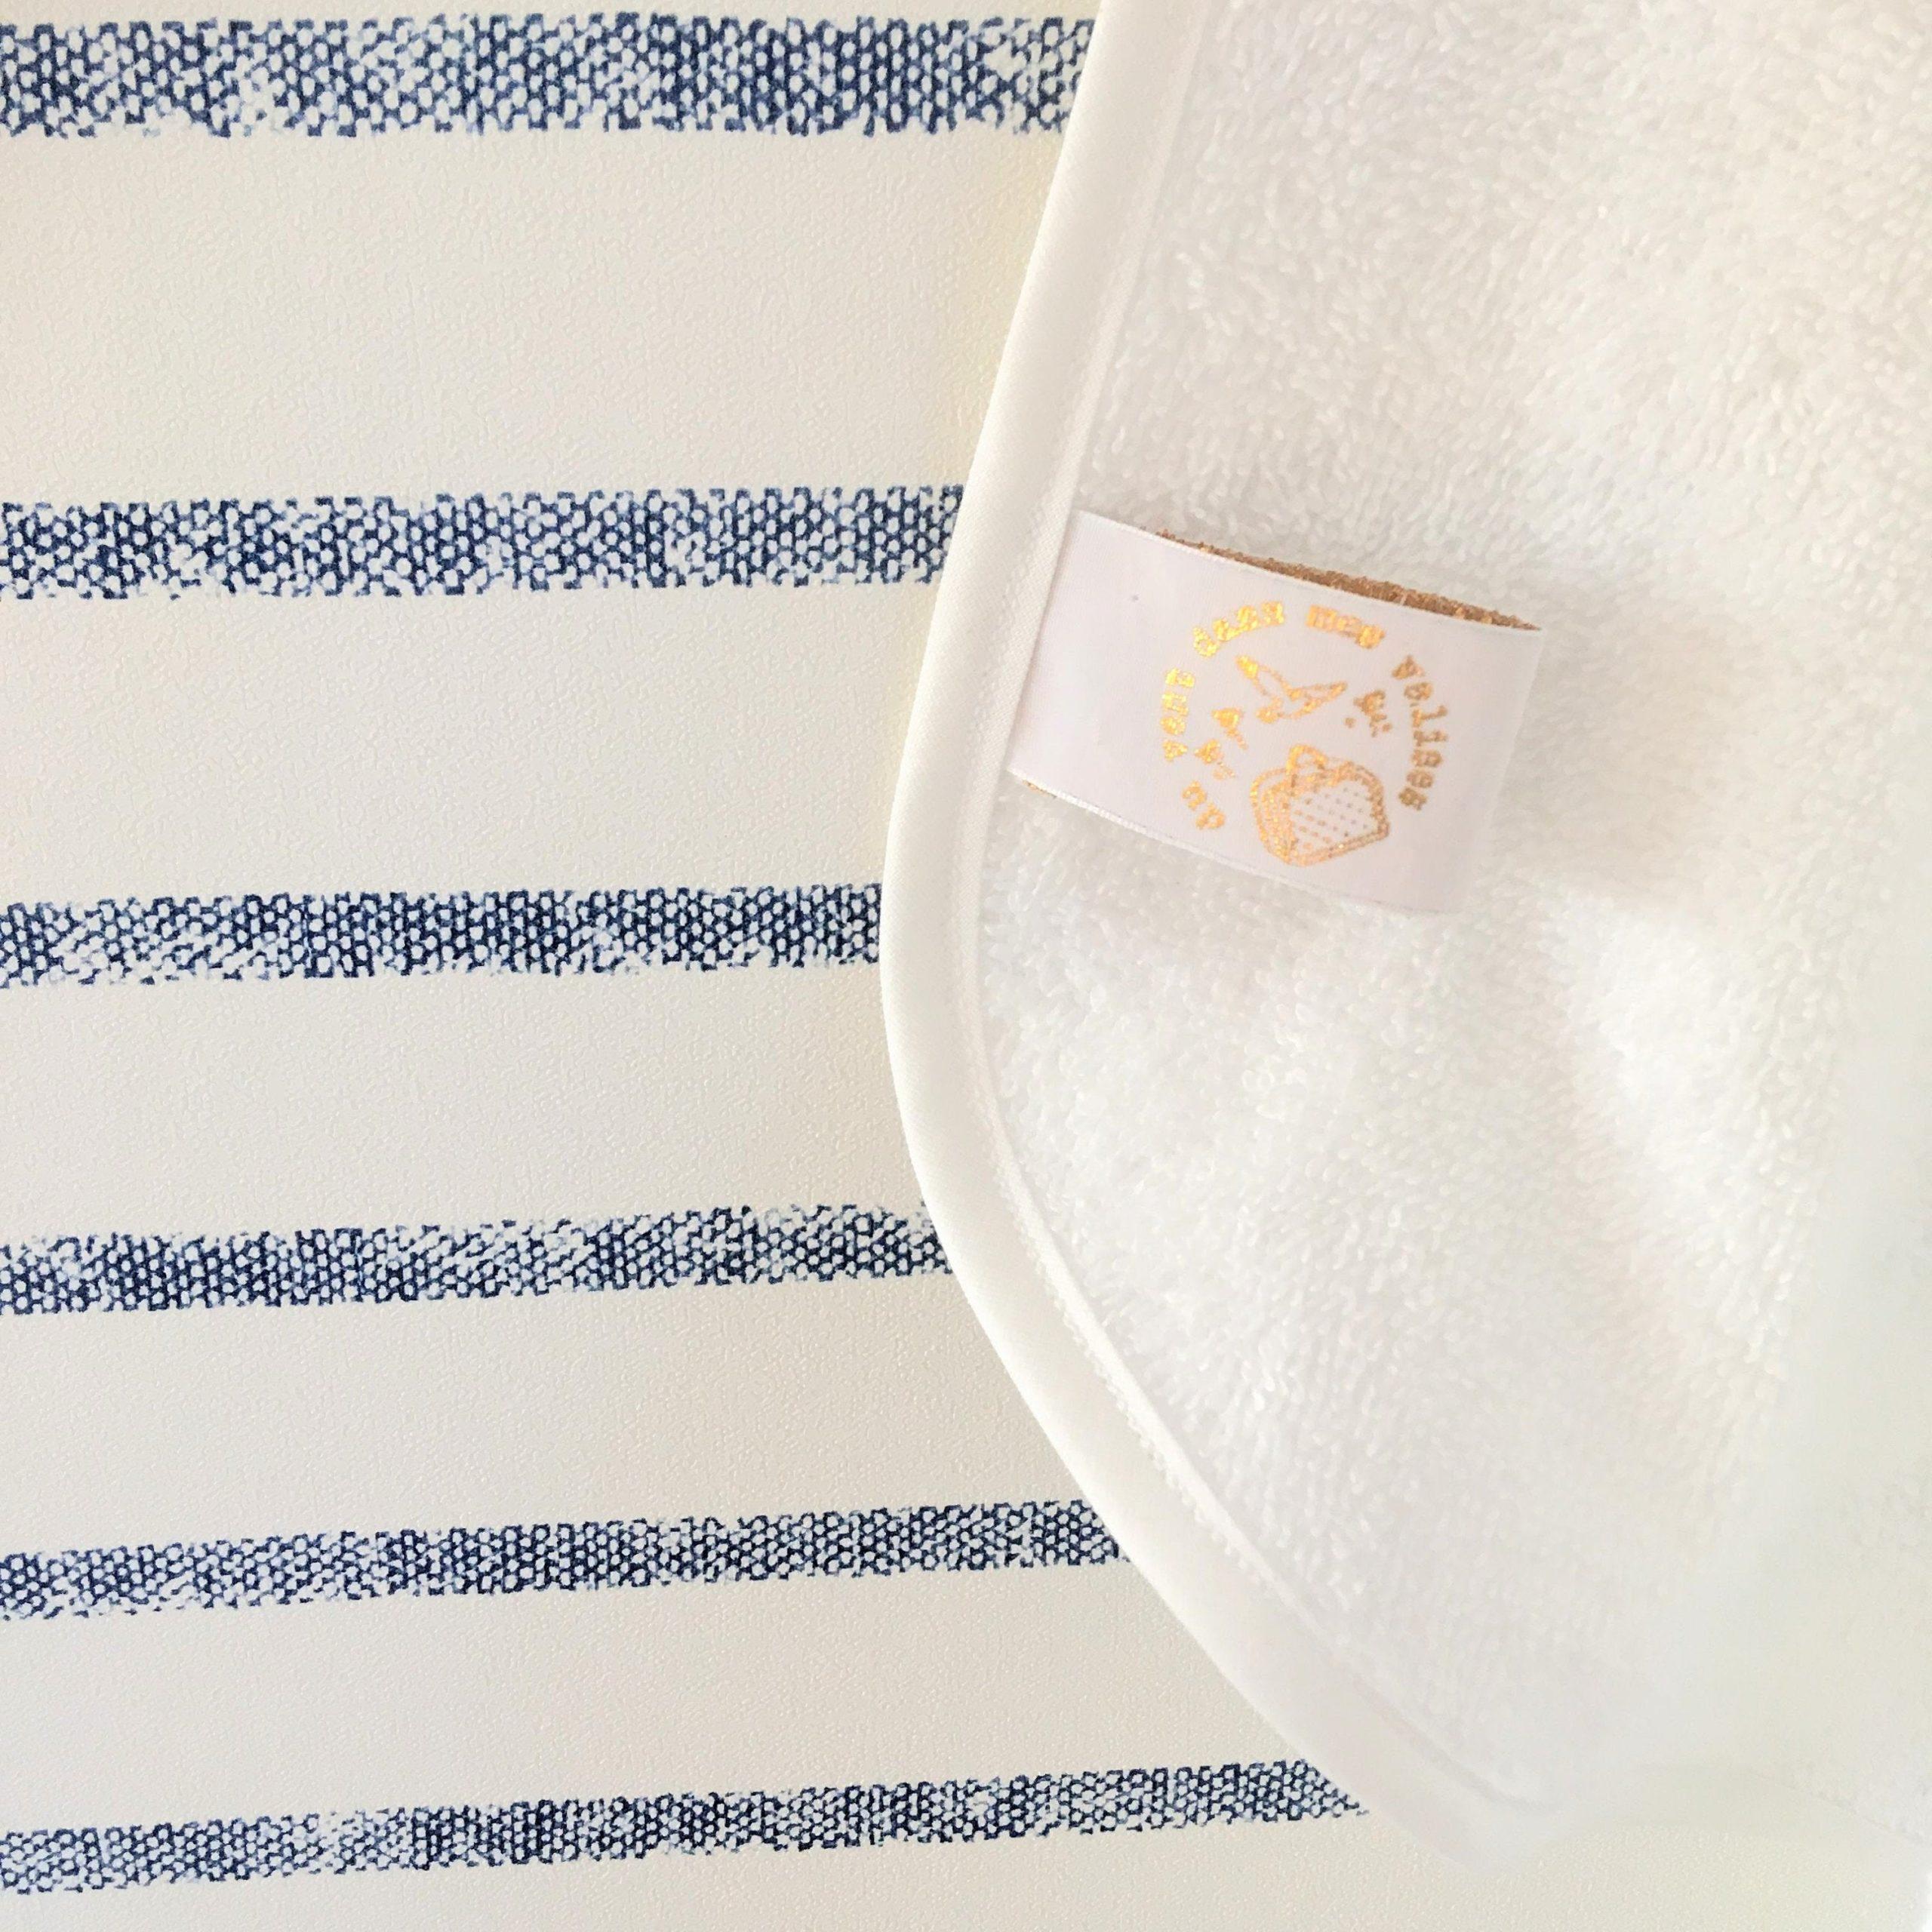 du vent dans mes valises - cape de bain bébé oreilles lapin capuche marguerites made in France